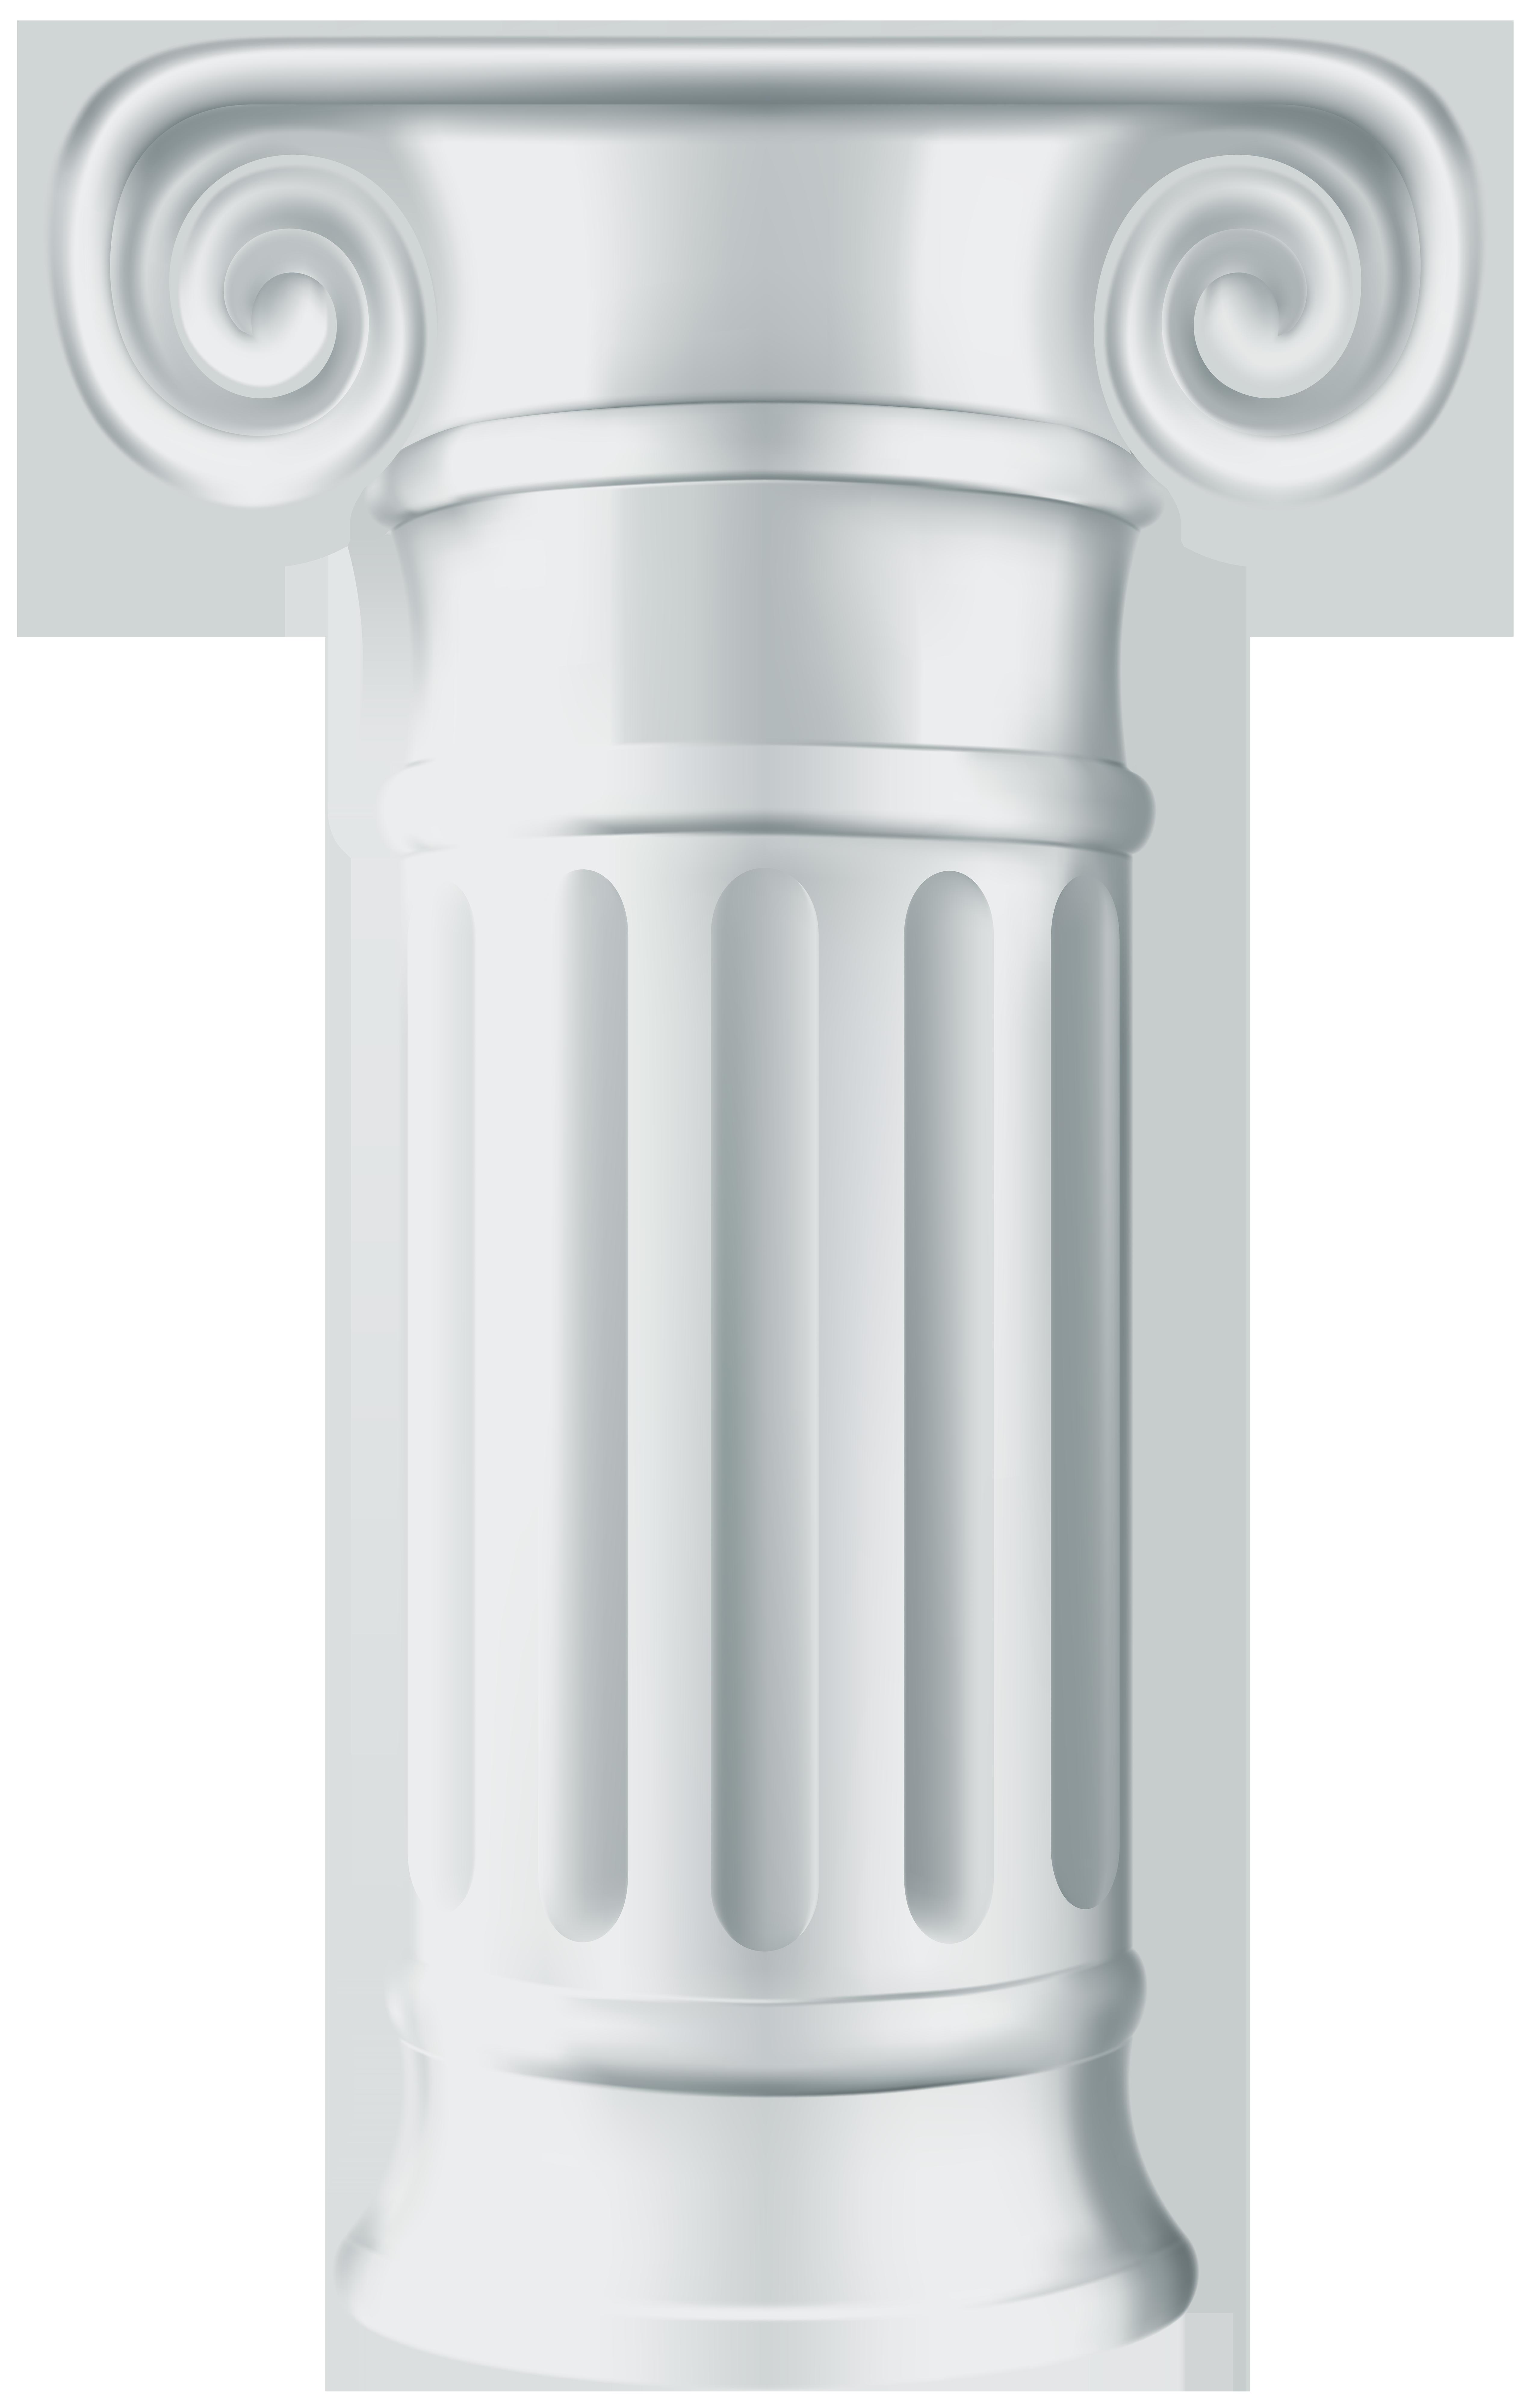 Column clipart clip art. Png image best web